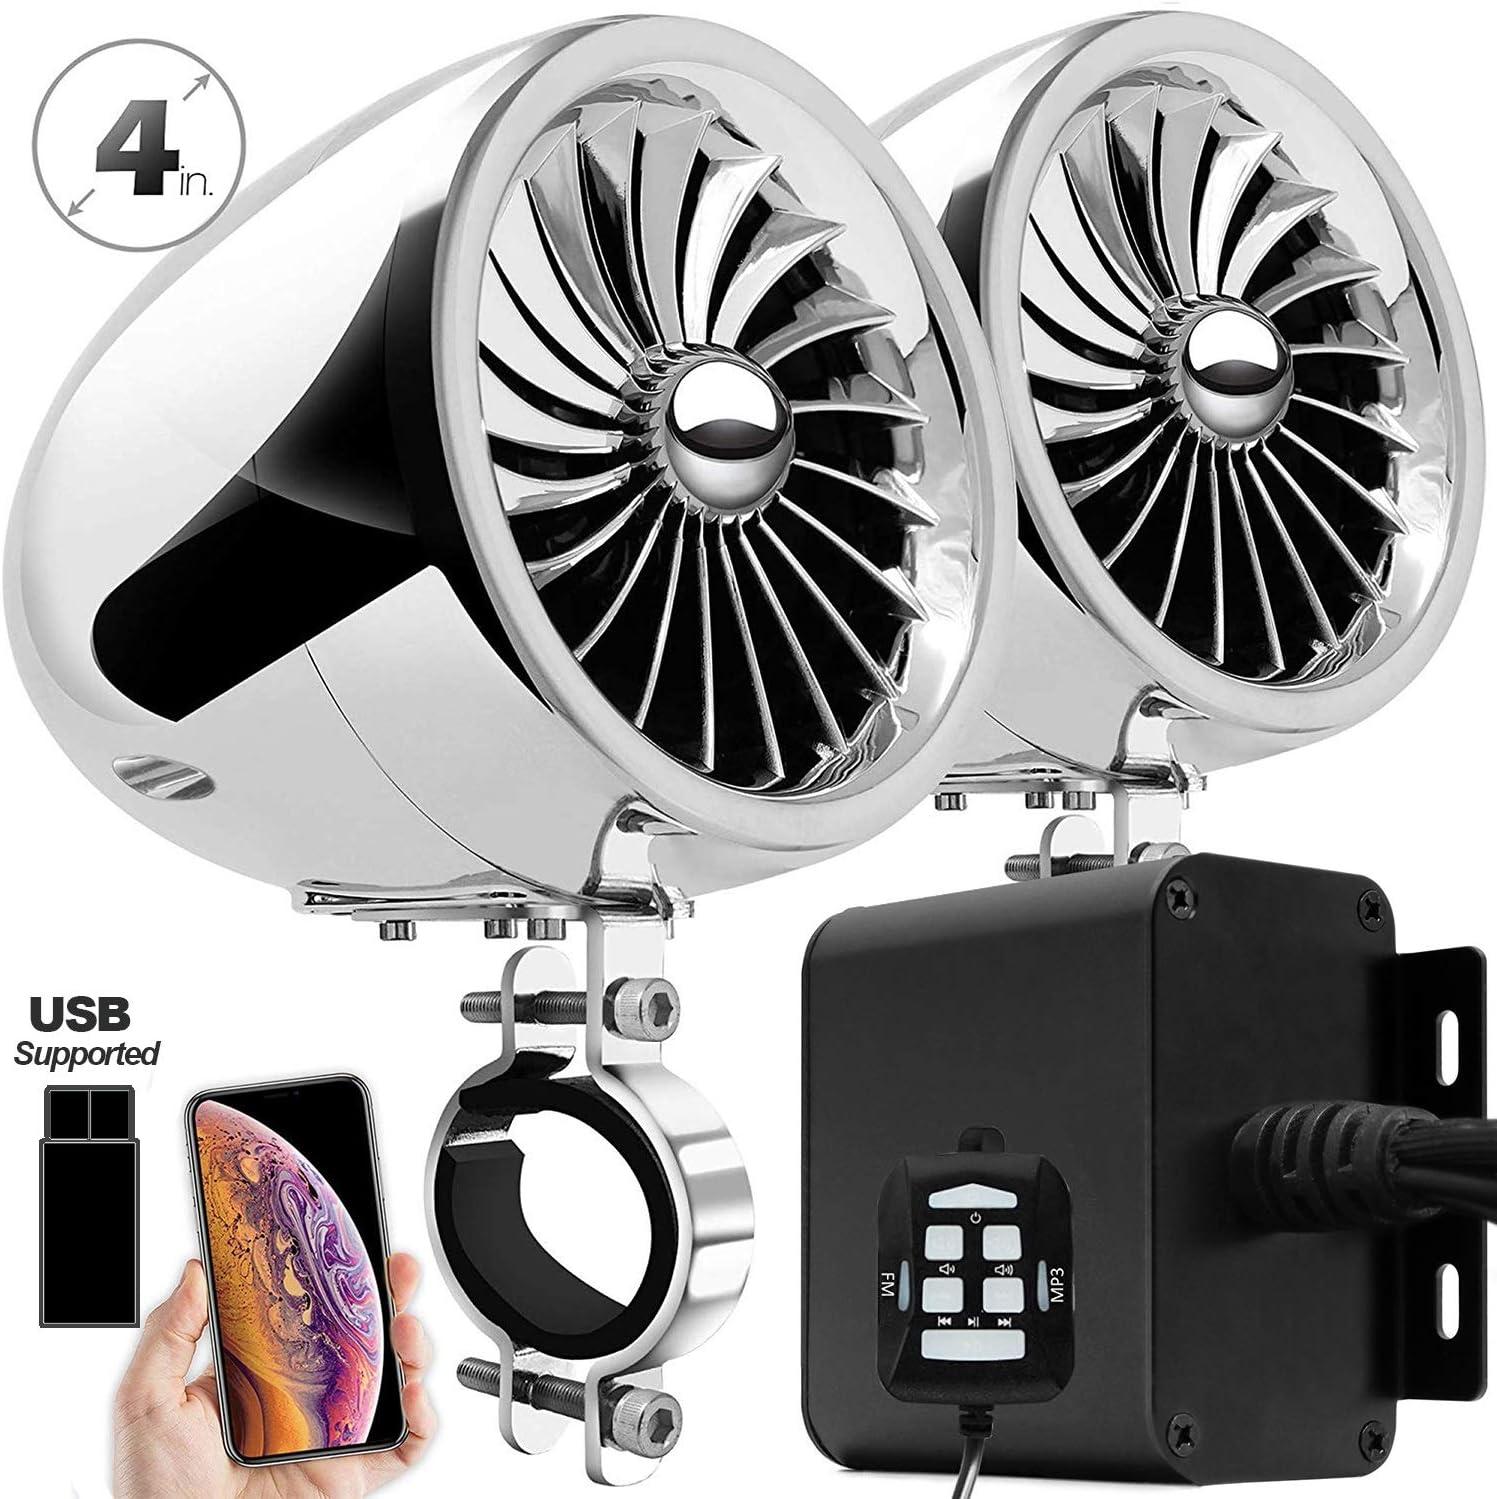 Aileap MX150 Sistema de Audio con Amplificador de Moto con AUX, USB, Radio FM, Altavoces estéreo Bluetooth Impermeables de 4 Pulgadas para Motocicletas ATV UTV (Cromo, Ventilador)